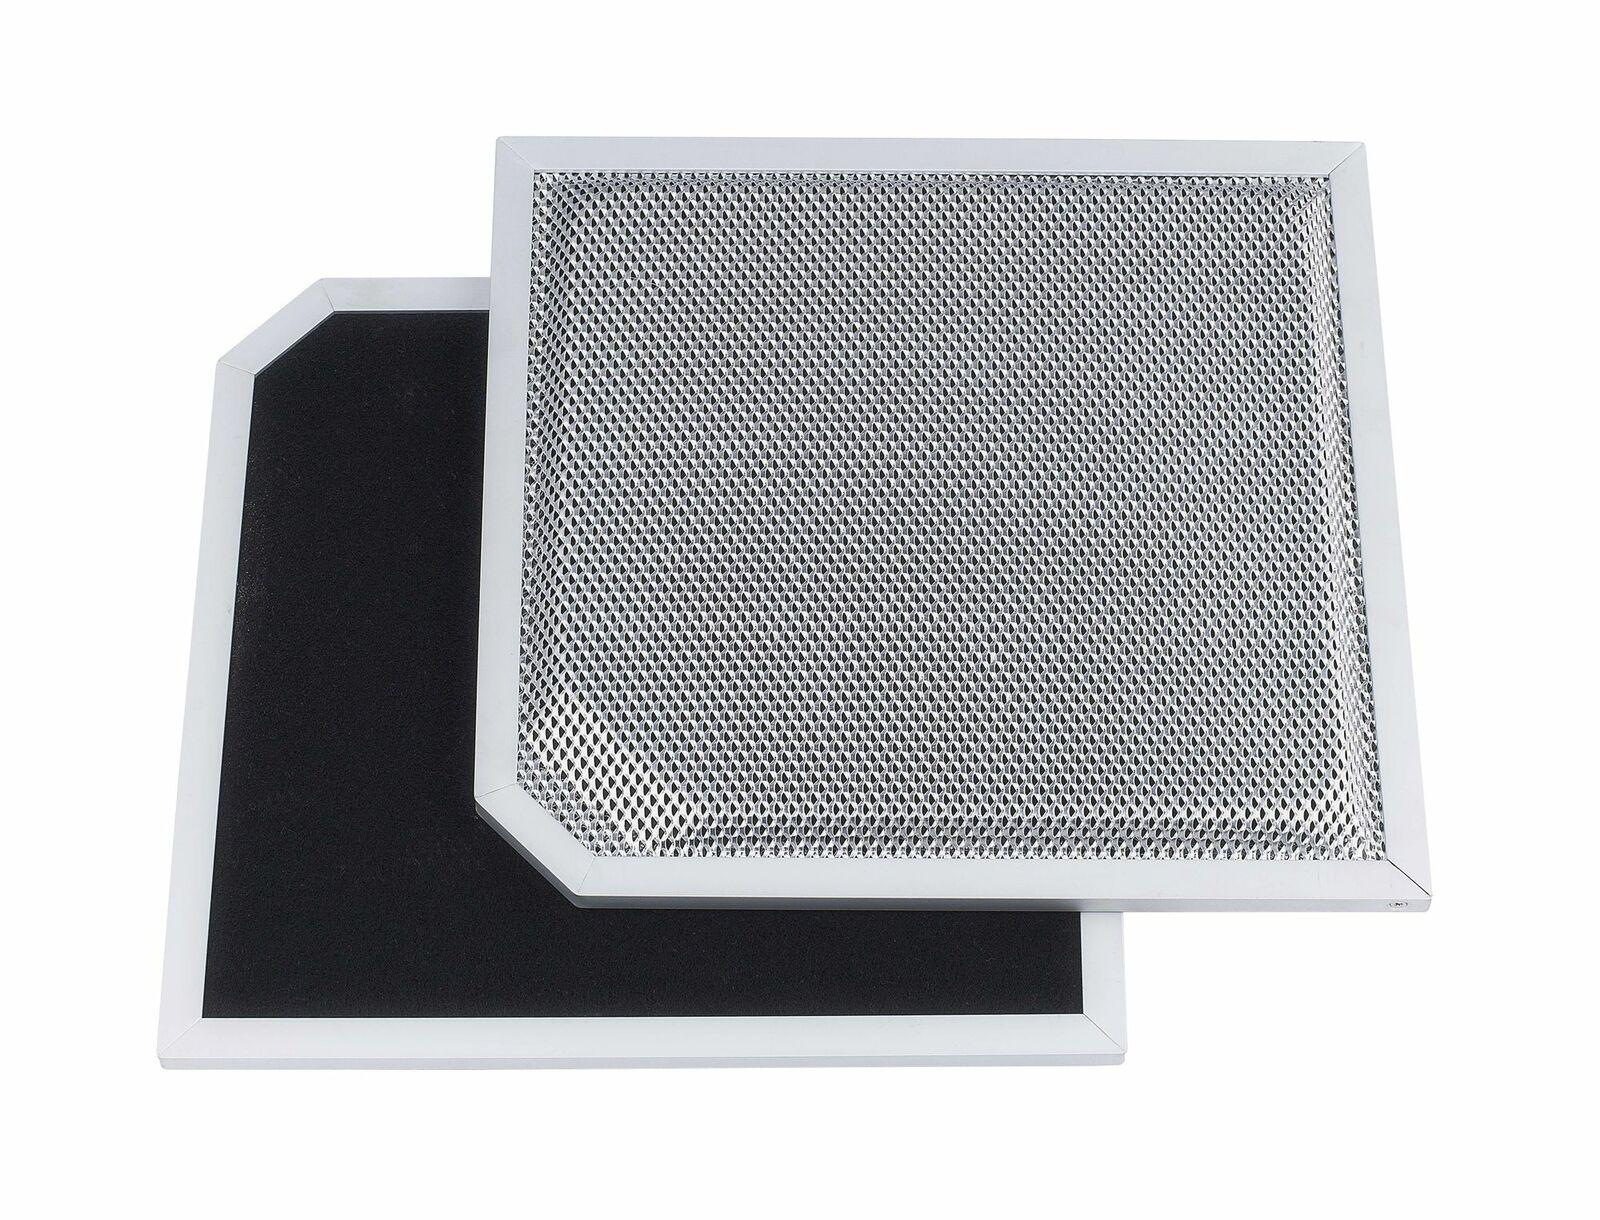 VDAKF04 Filtro de carbón activo para campana de cocina VIESTA VDI90230EG